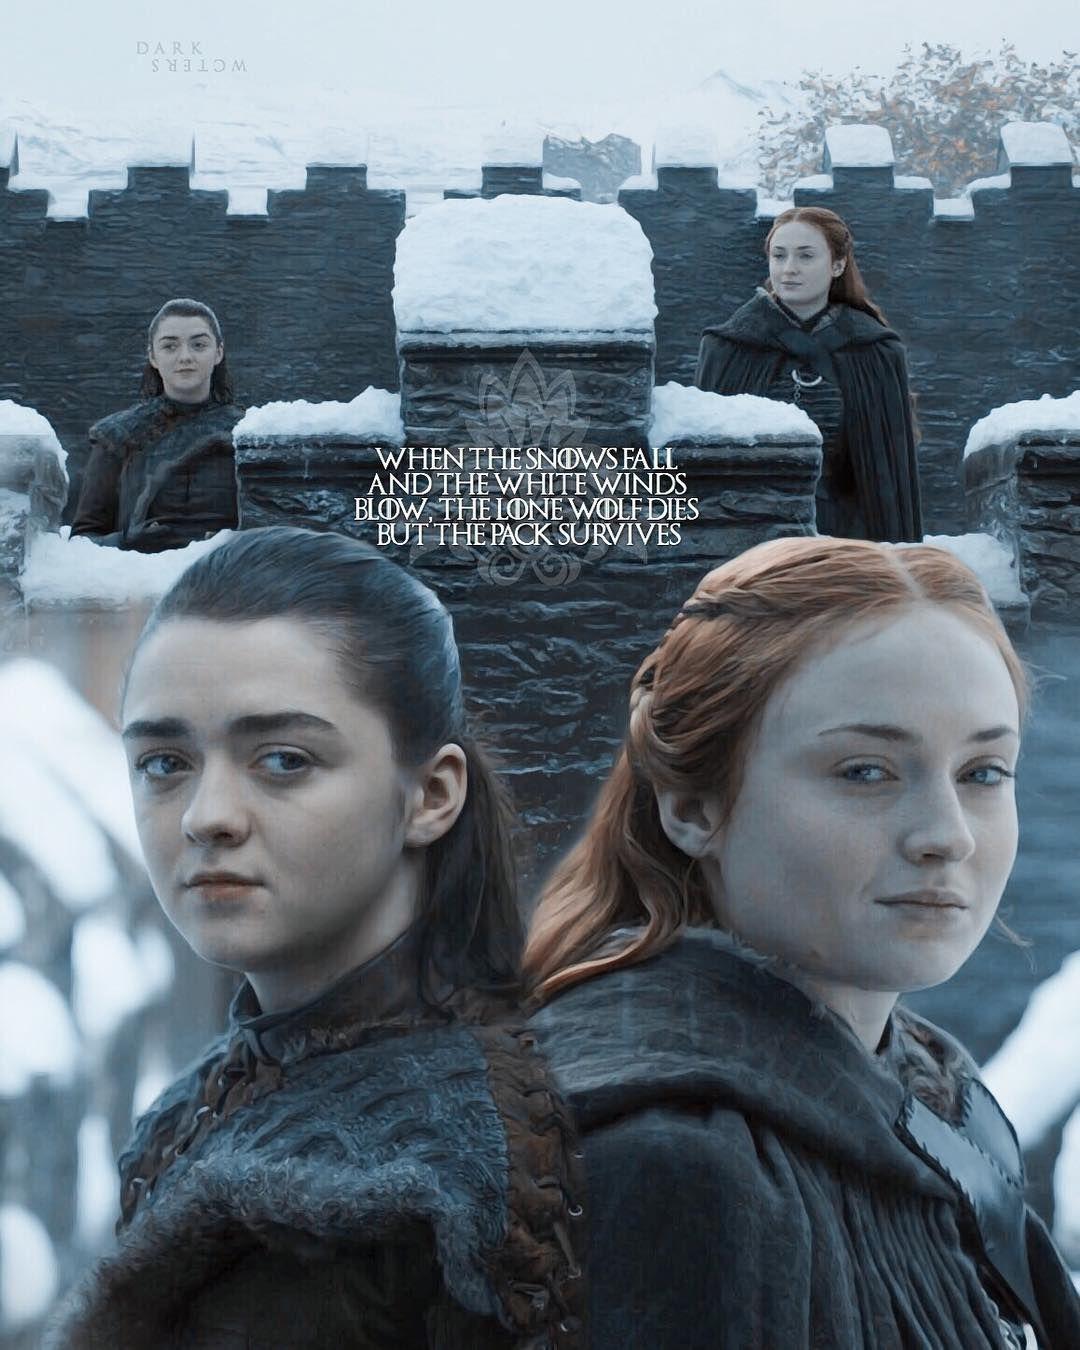 The Pack Survives Arya And Sansa Starksisters Aryastark Sansastark Seasonfinale Gameofthrones Gots7 Hous Arya And Sansa Sansa And Arya Sansa Stark